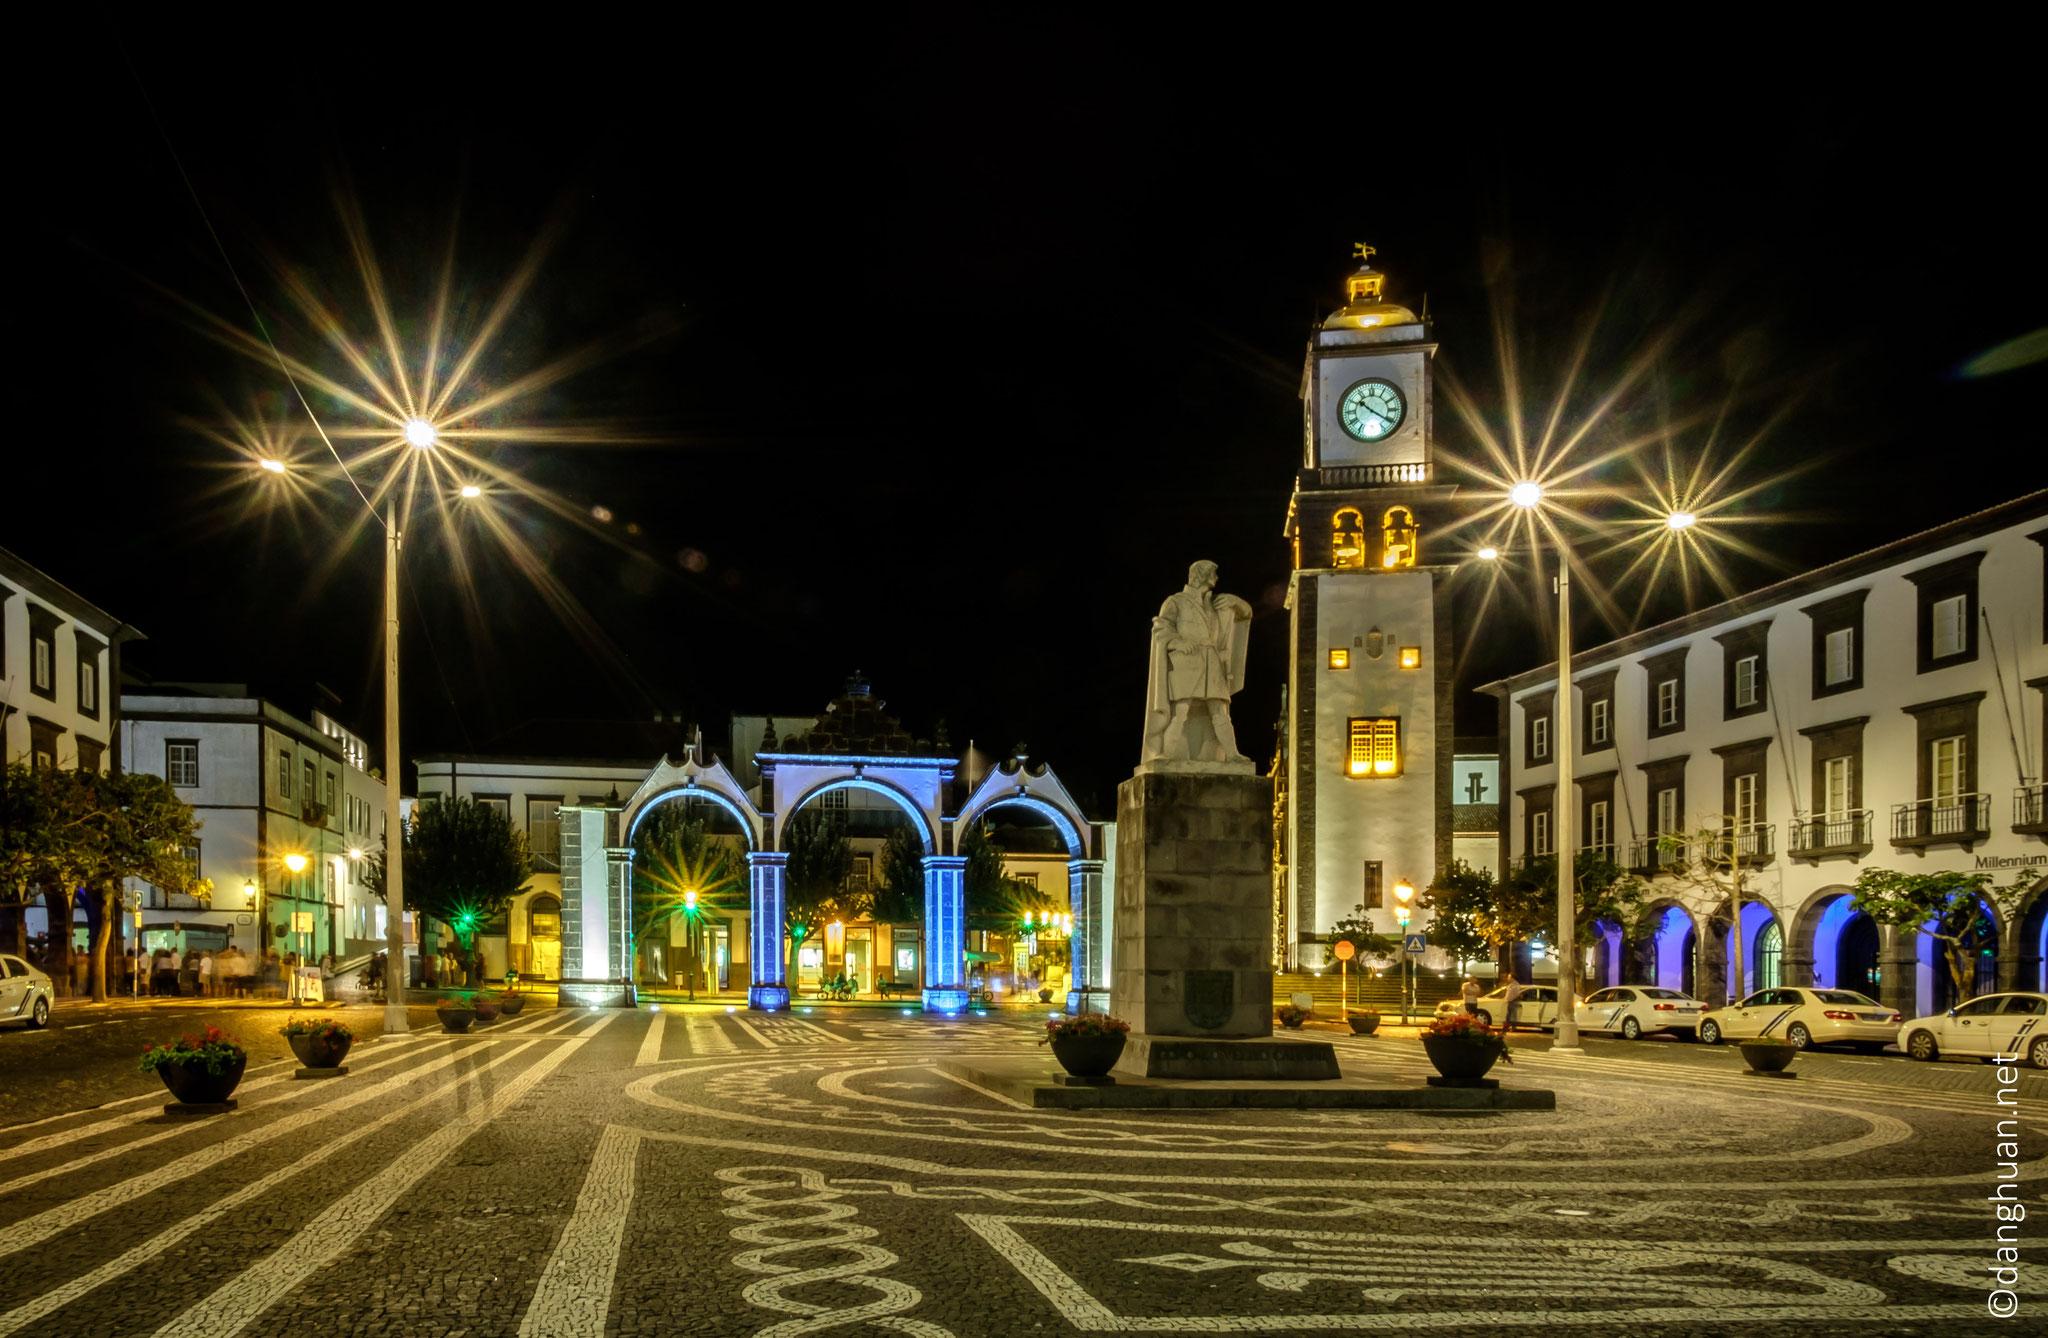 Ponta Delgada - capitale administrative et le centre économique le plus important de la région autonome des Açores